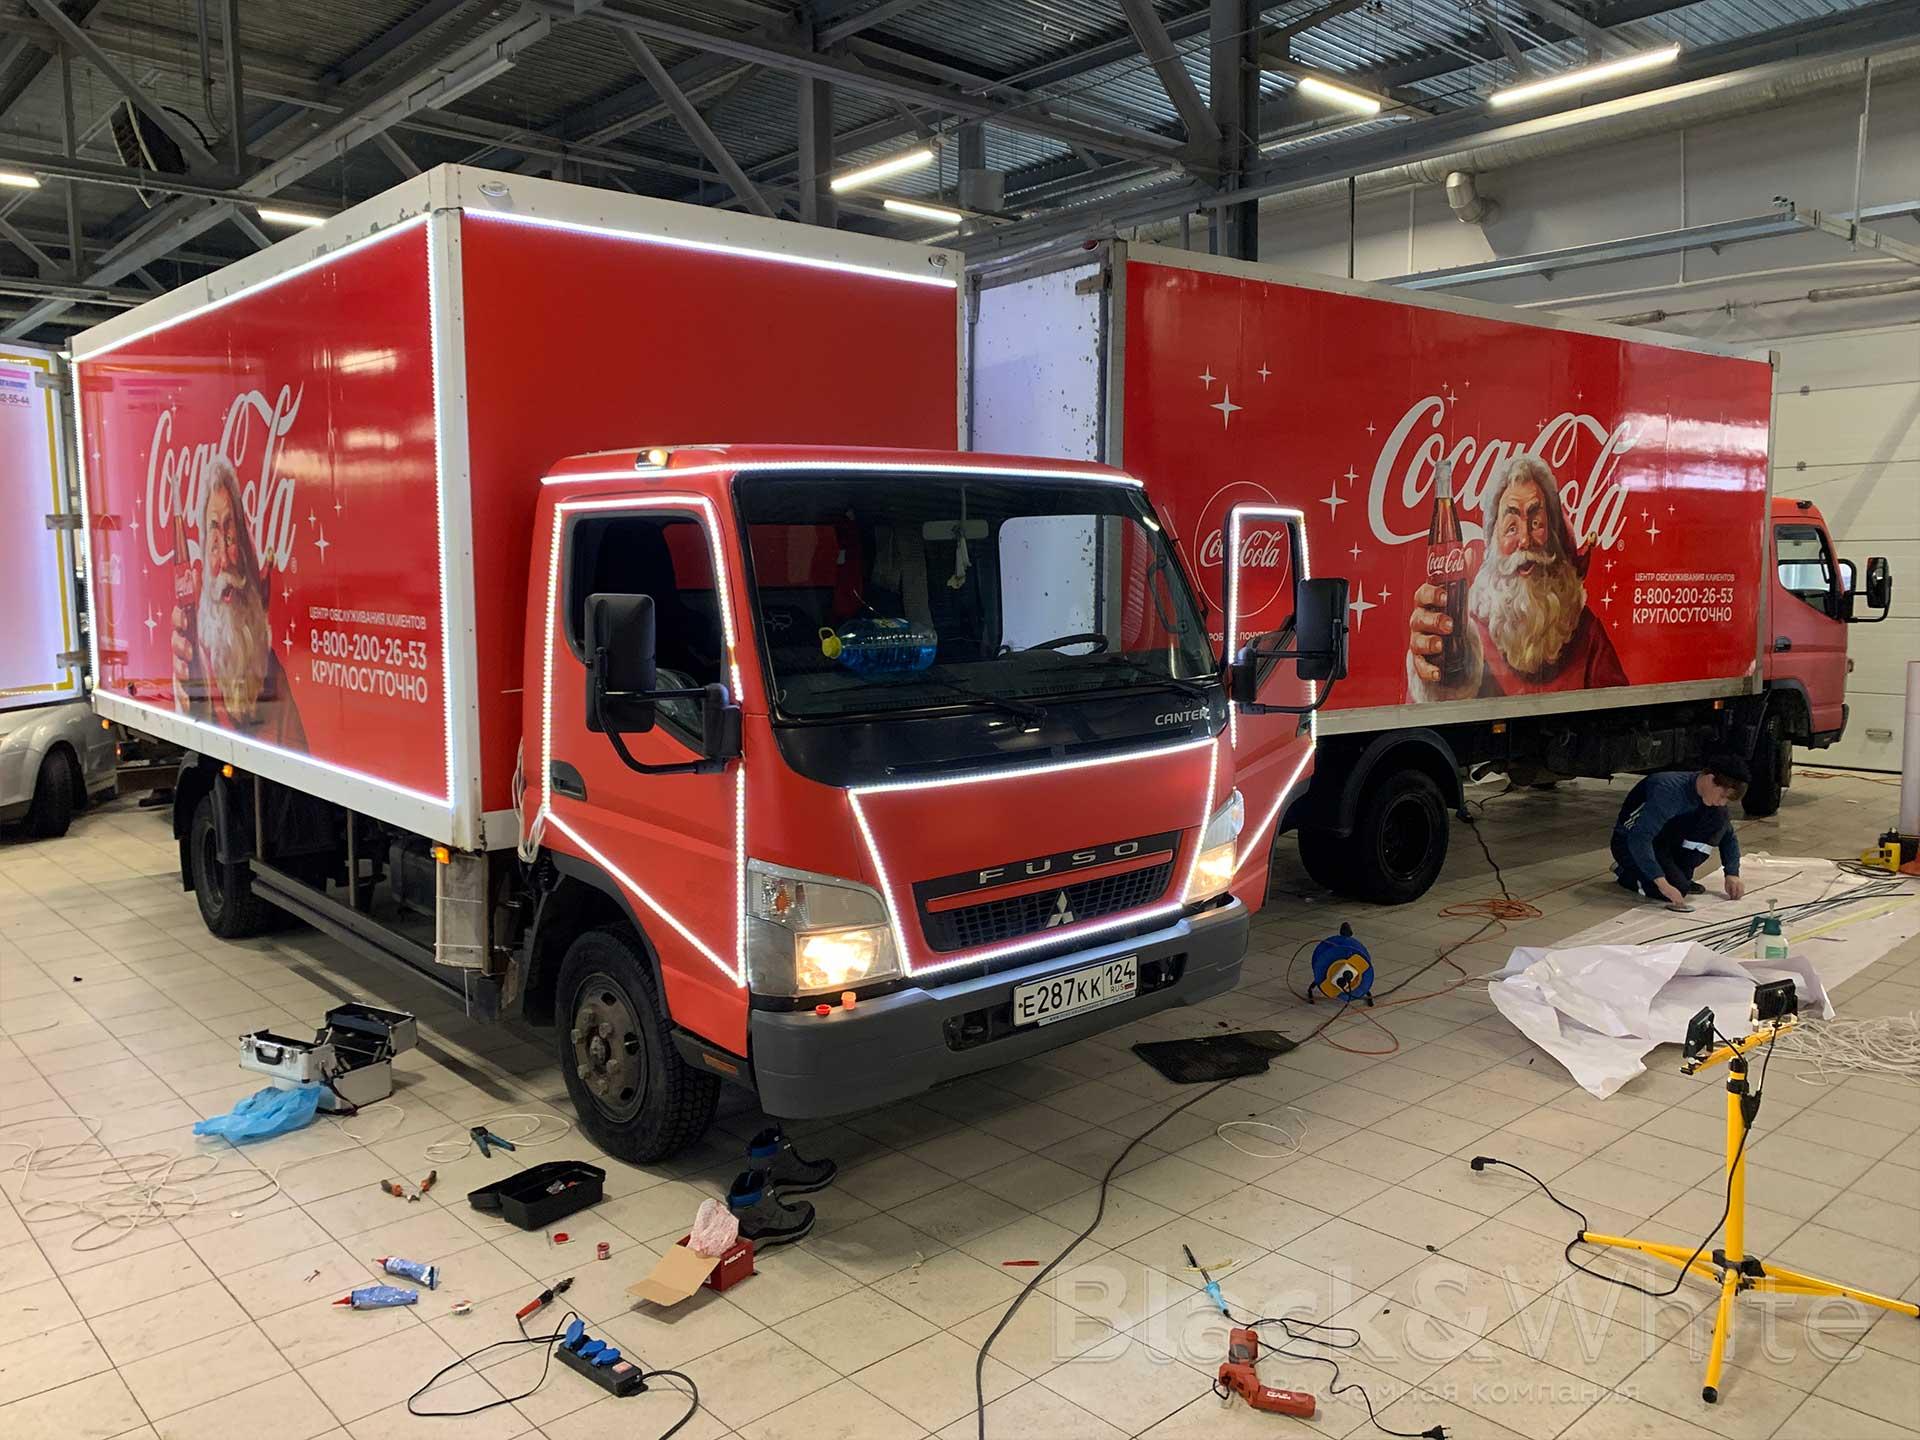 Брендирование-грузовиков-Кока-Кола-подсветка-светодиодной-лентой....jpg